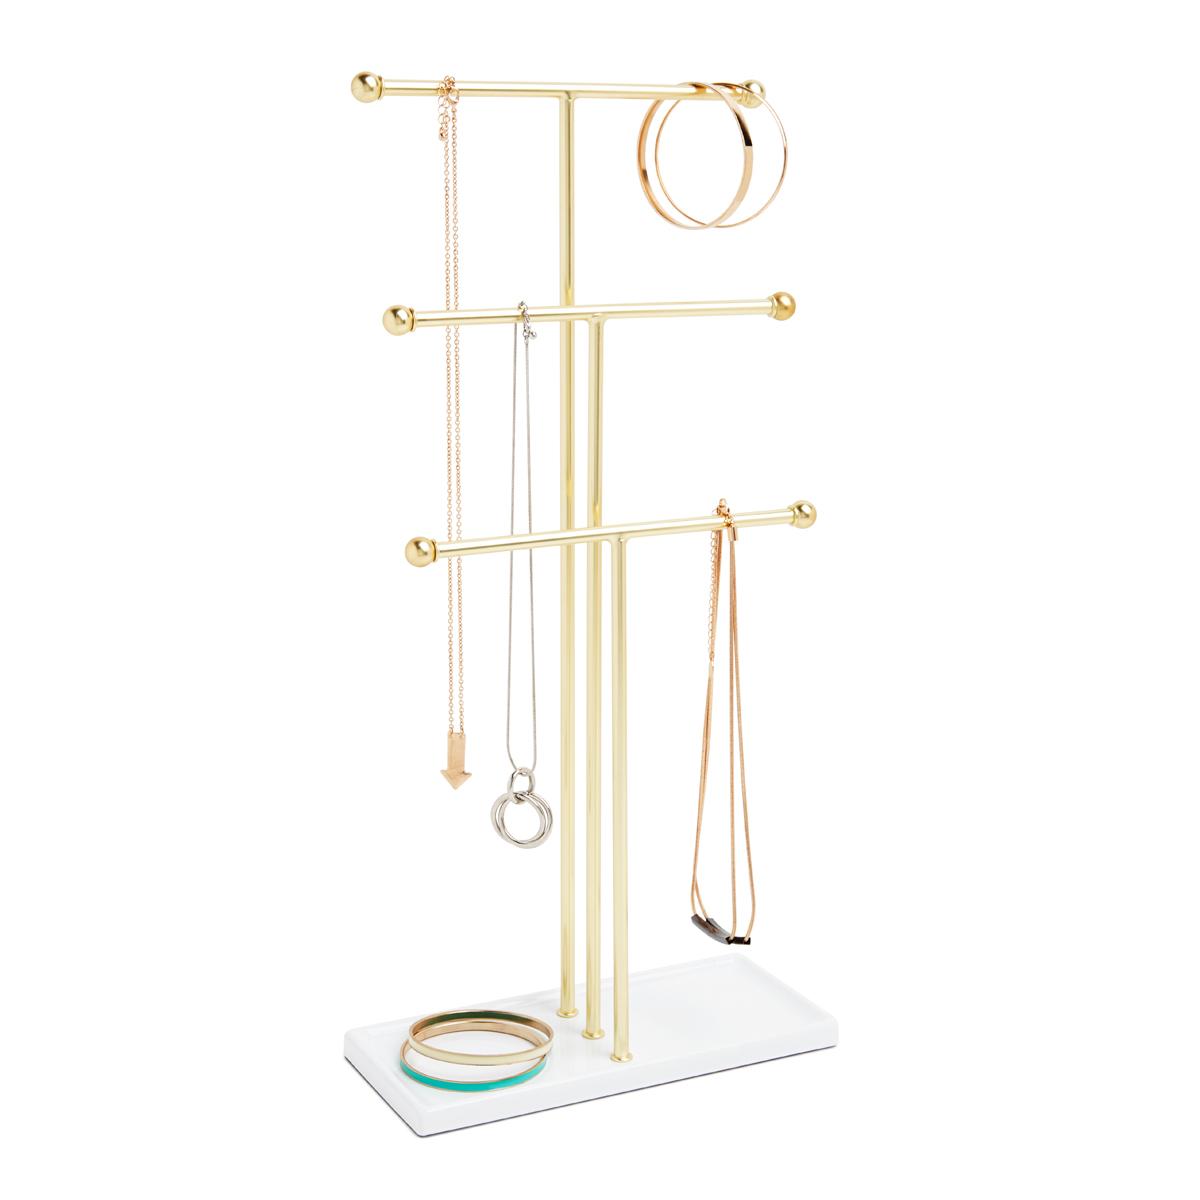 Органайзер для украшений Umbra TrigemS03301004Высокотехнологично и высокофункционально: трехъярусный держатель для украшений продуман для мелочей. Самый высокий - для бус, средний - для длинных сережек и цепочек, малый - для браслетов, сережек, колец. Плюс подставка держателя как дополнительное пространство для часов или клипс.Если ваши украшения хранятся в коробке или еще хуже - валяются в ящике стола, то самое время организовать их!